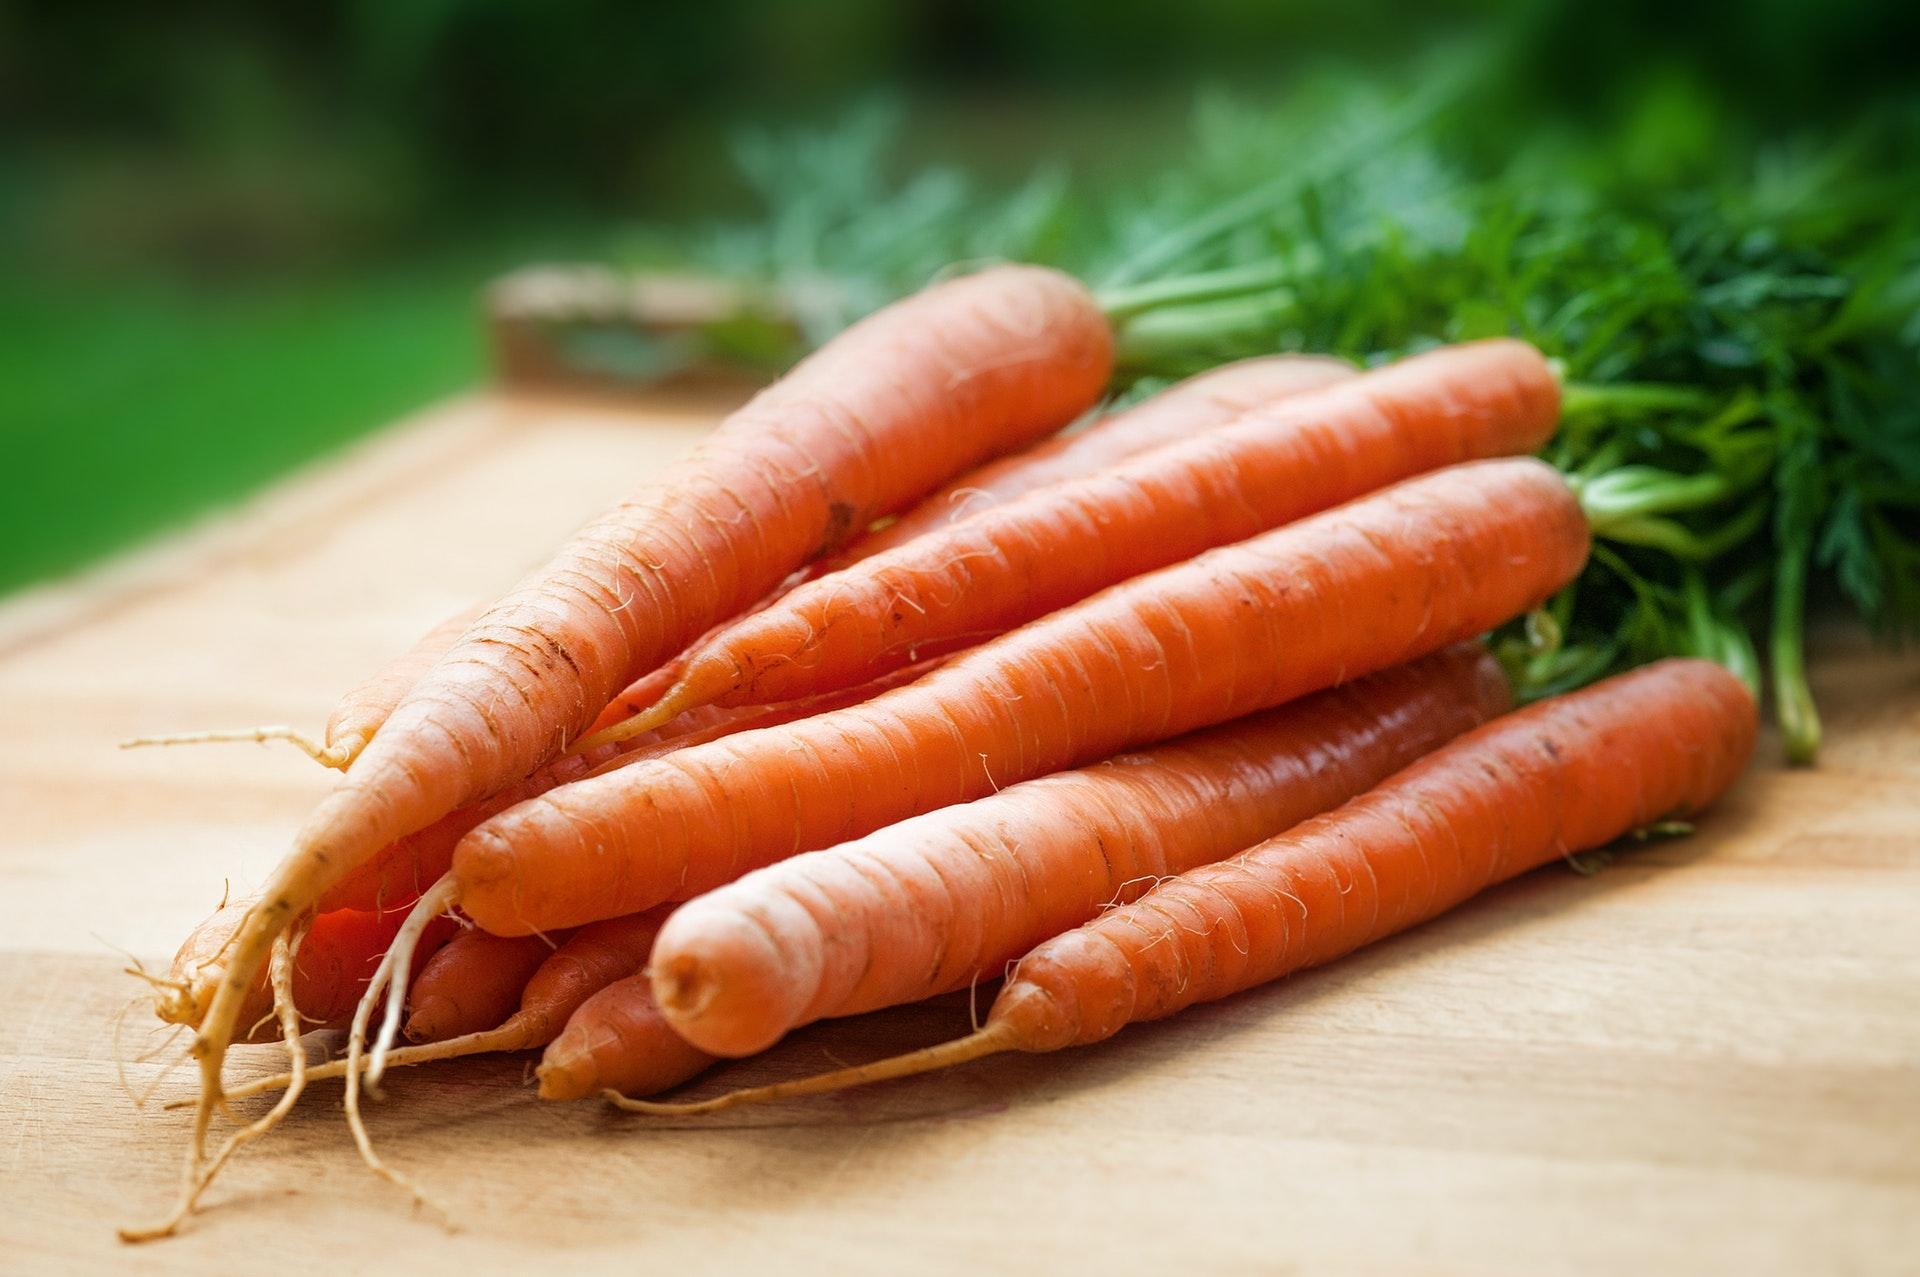 Предупредить развитие слепоты помогут печень и морковь